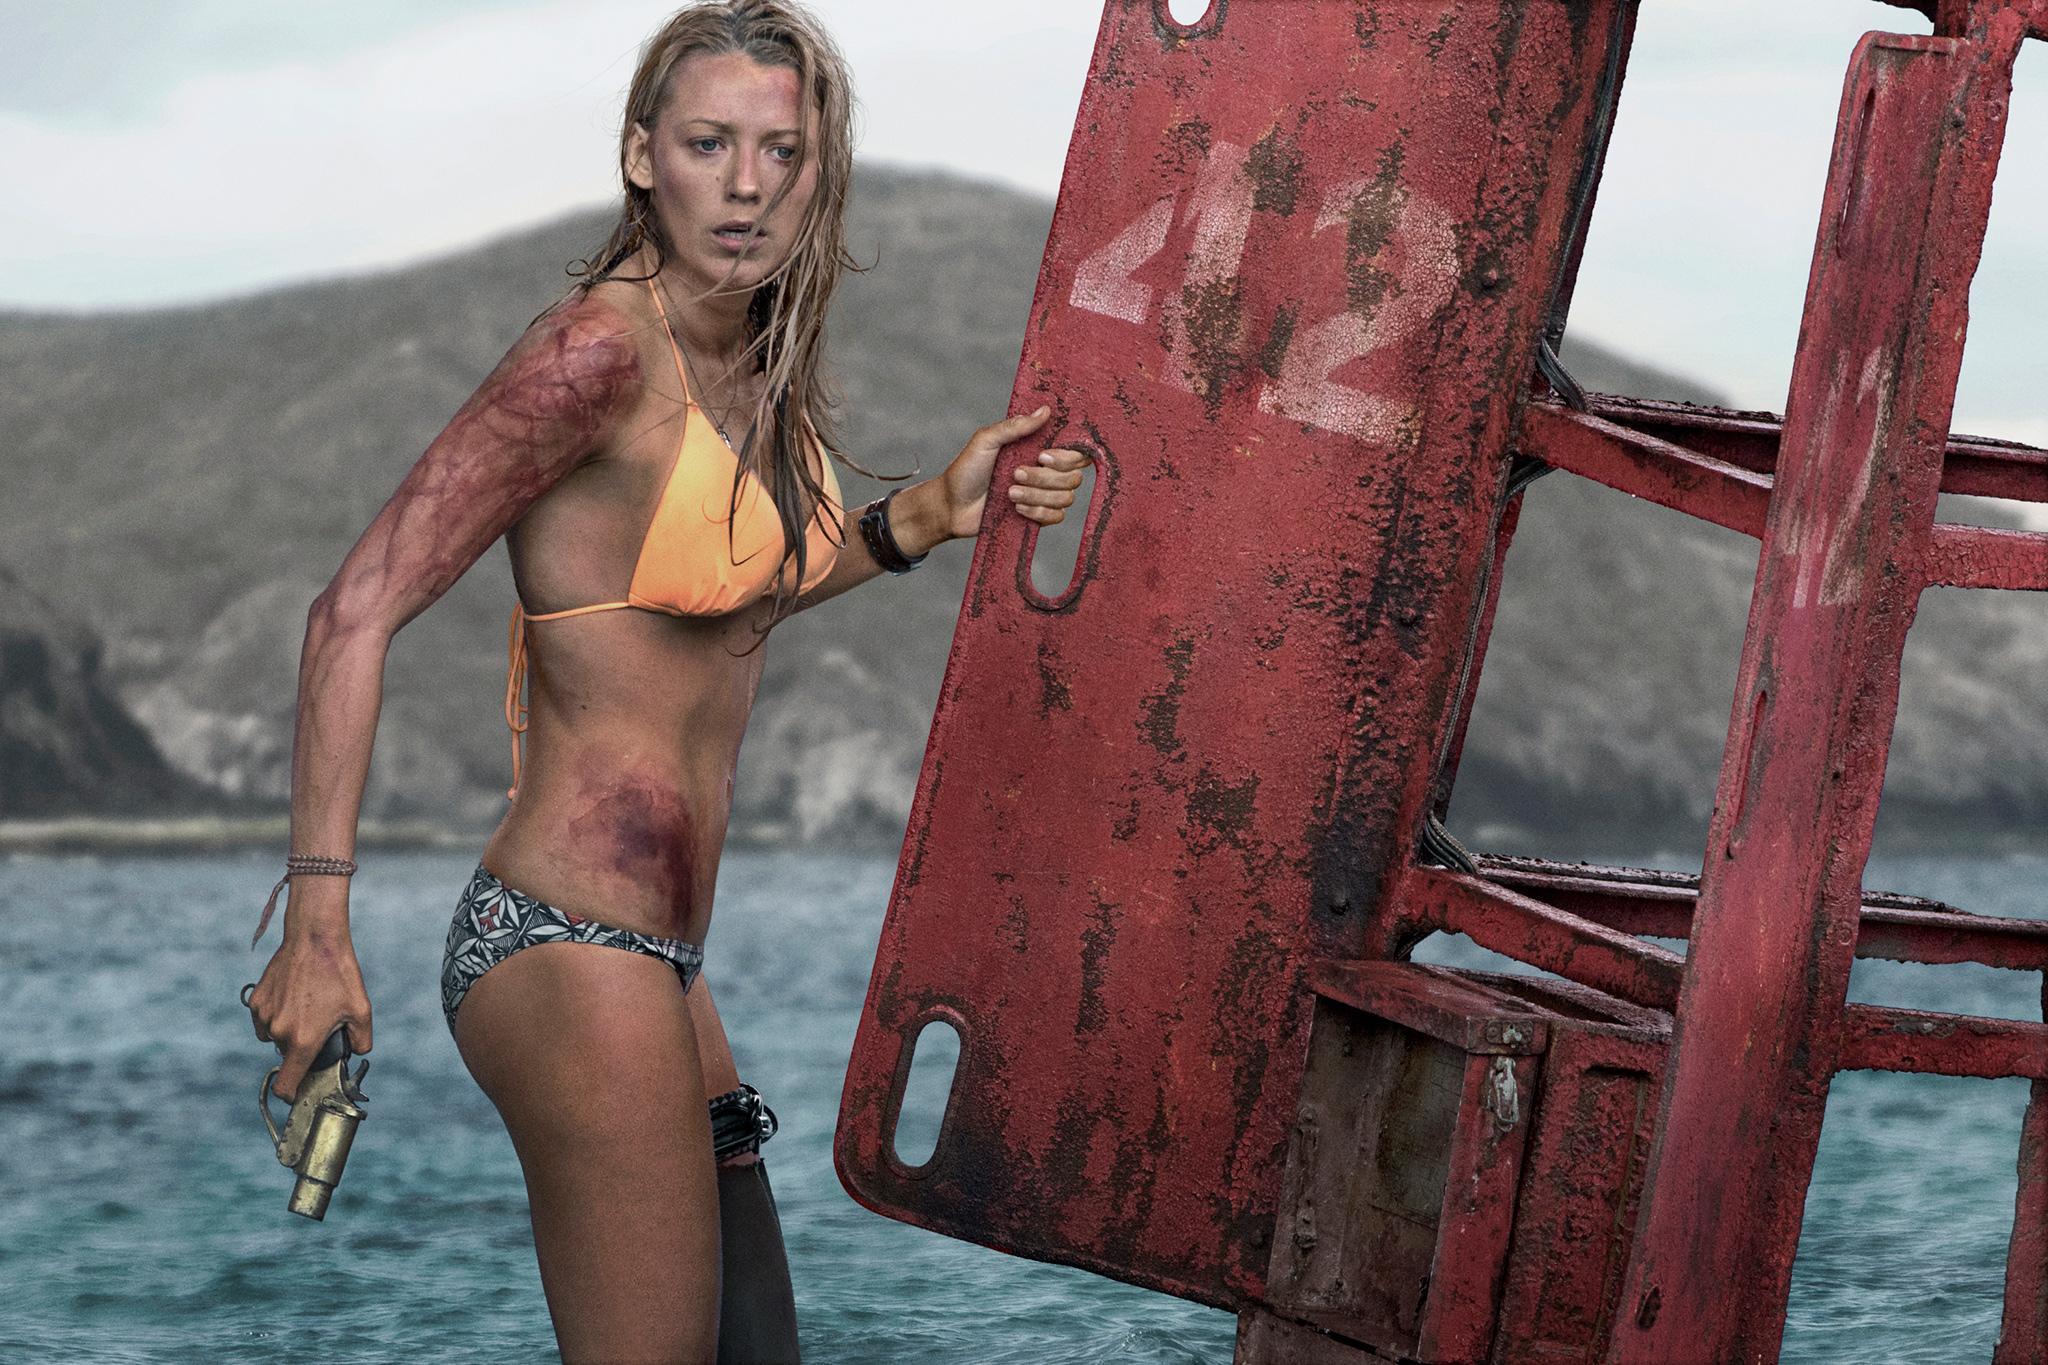 трахает интимные фильмы о девушках на море как если сам